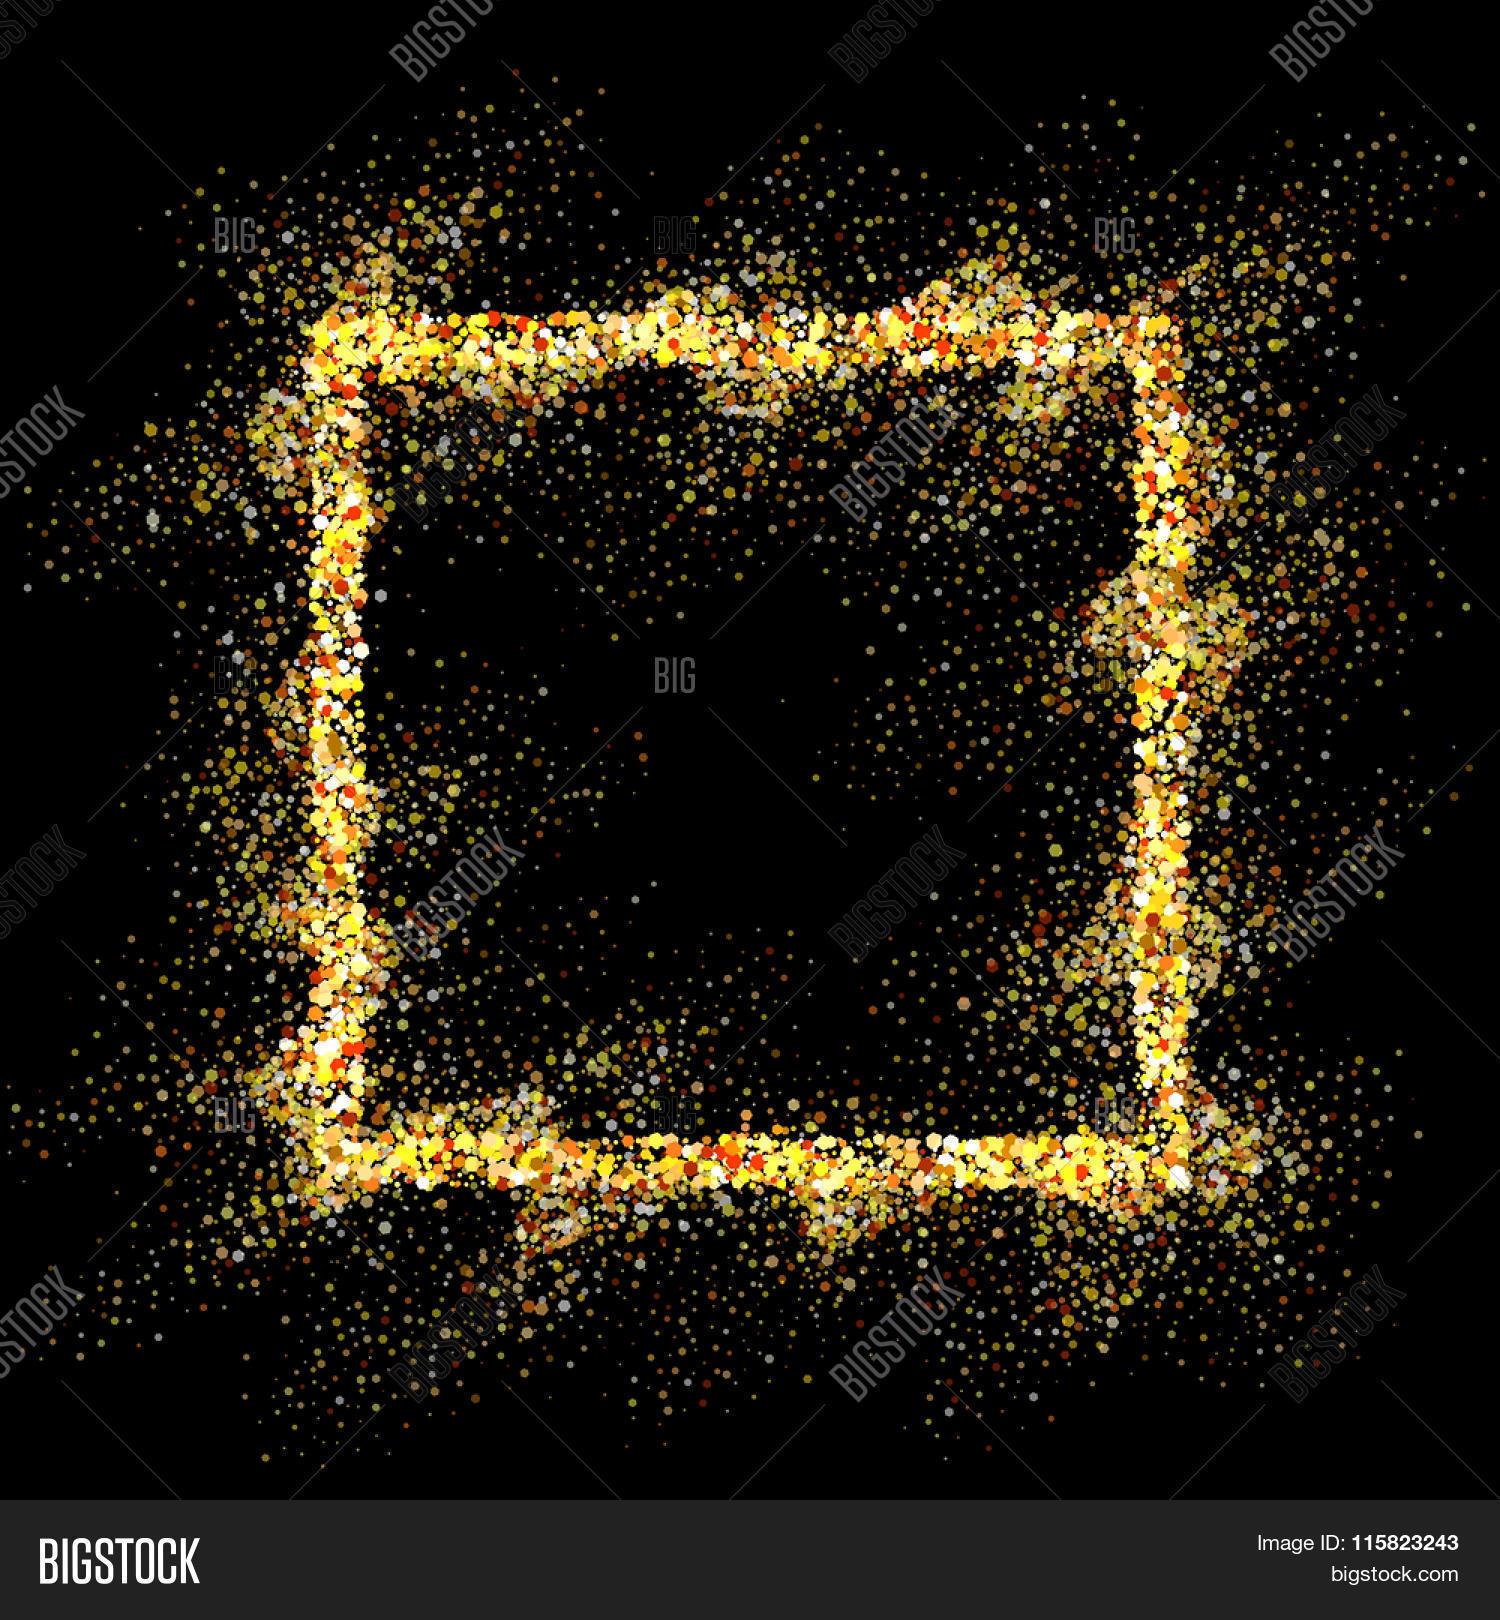 gold and black glitter background wwwimgkidcom the